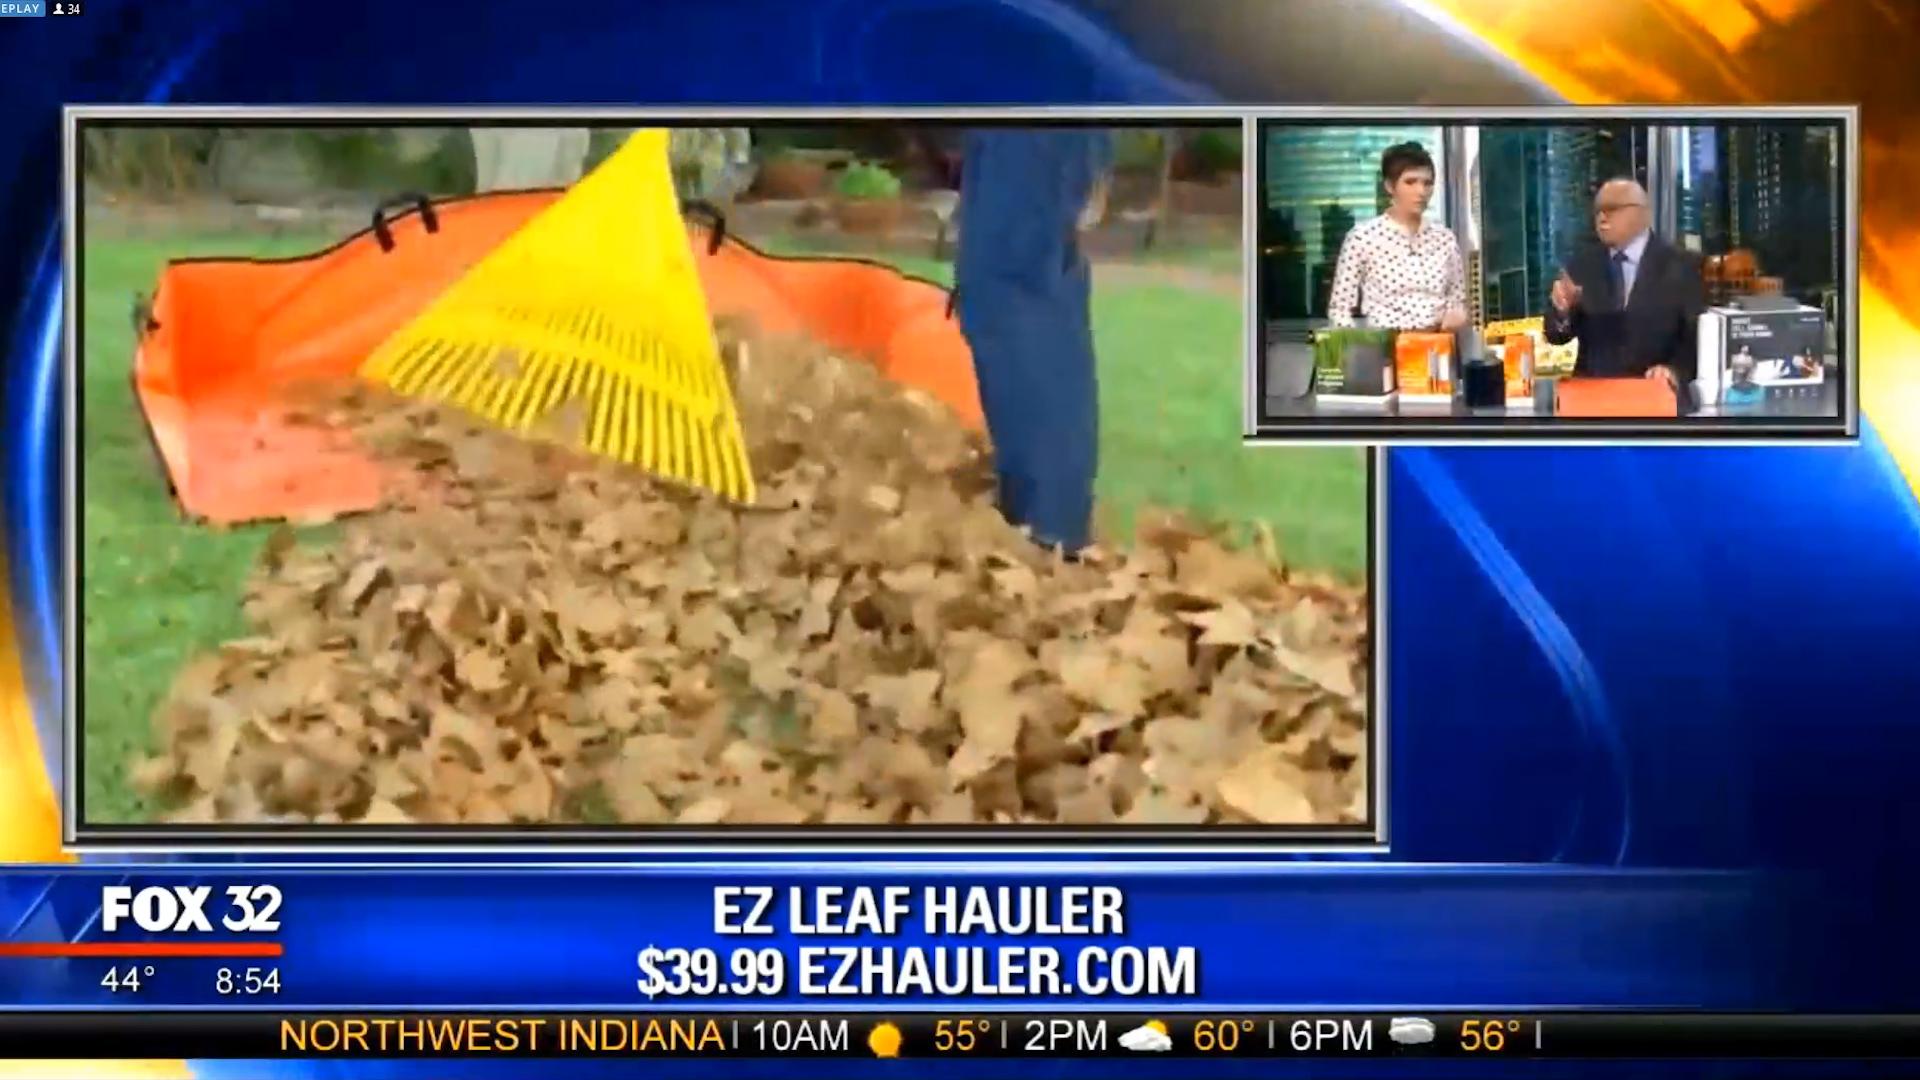 EZ LEAF HAULER - $39.99Shop Now